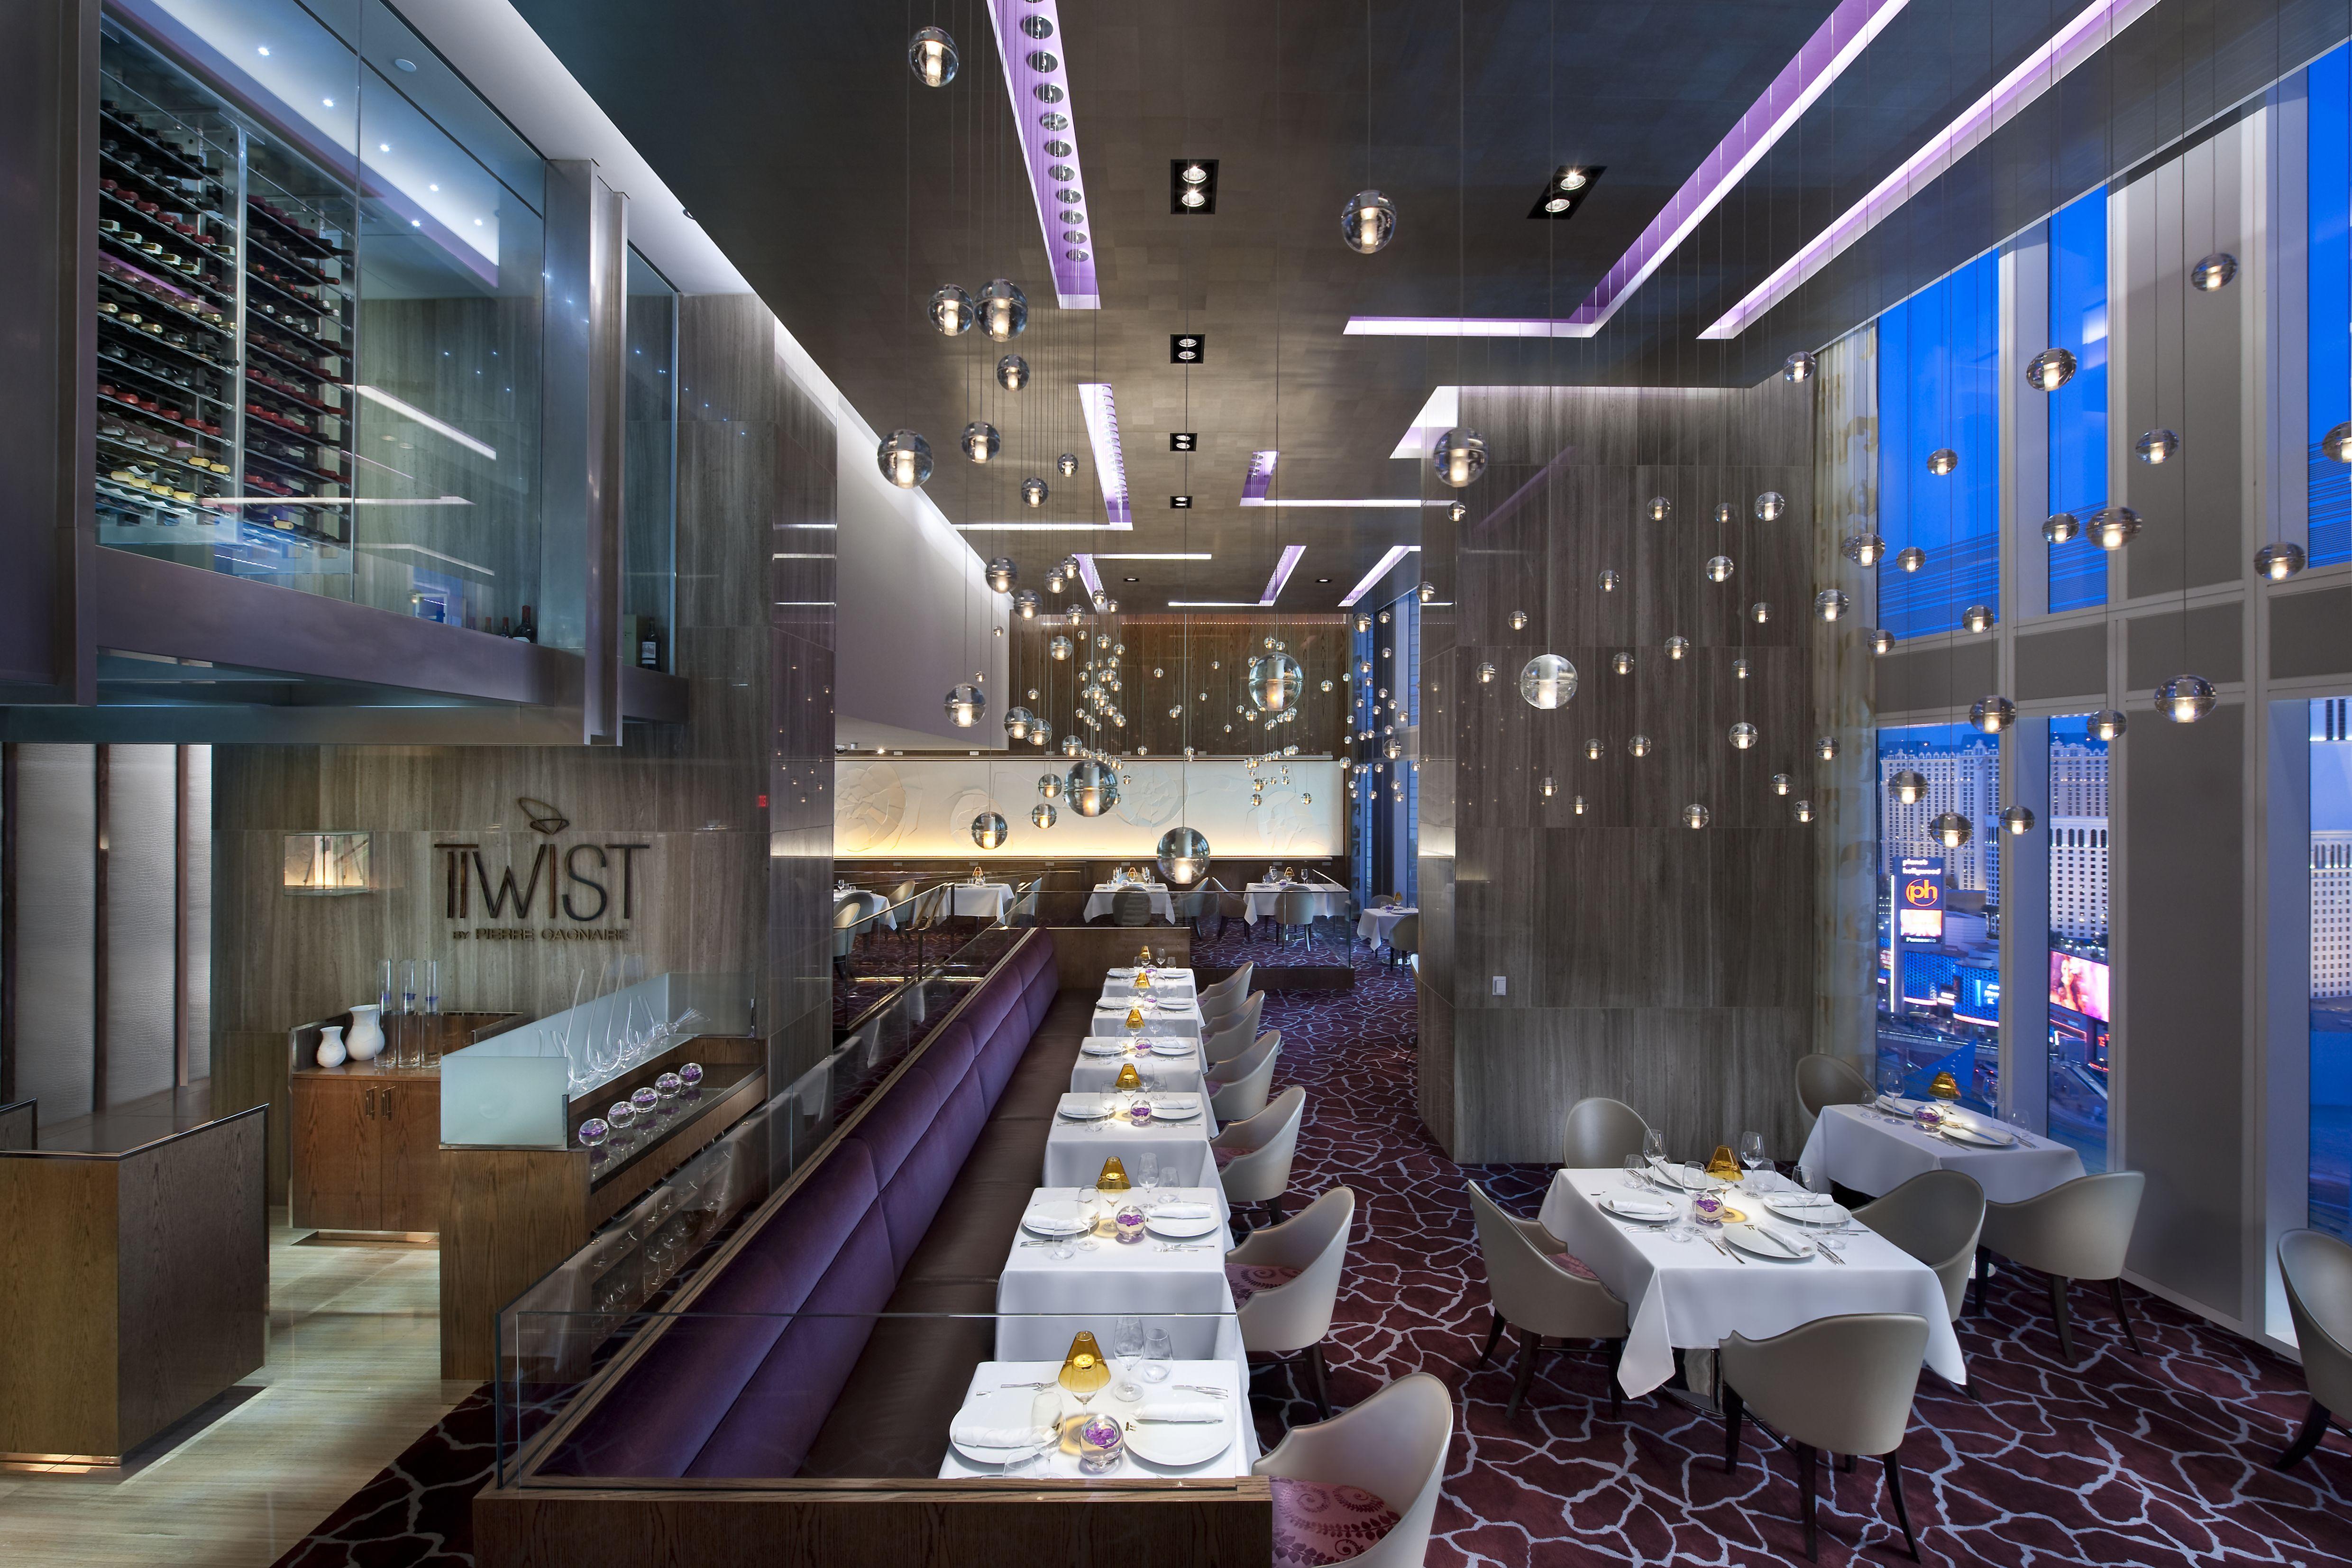 Fein Circus Hervorragendes Restaurant Interieur Fotos - Die Besten ...